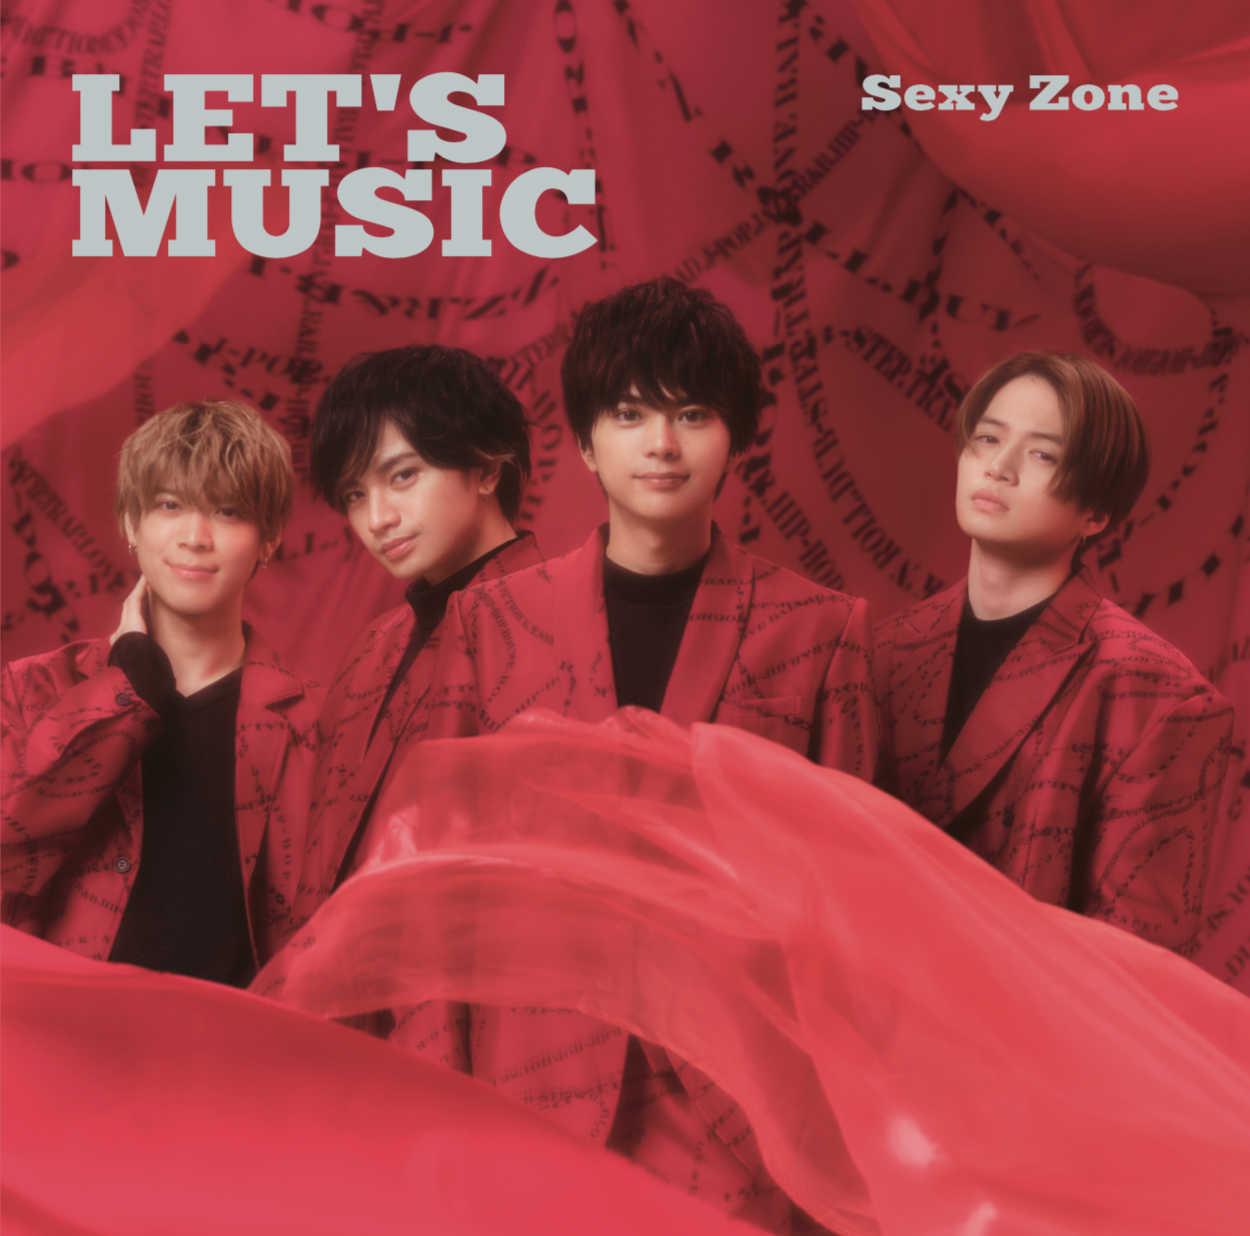 Sexy Zone 3月24日リリース 20th シングル「LET'S MUSIC」 MV公開!